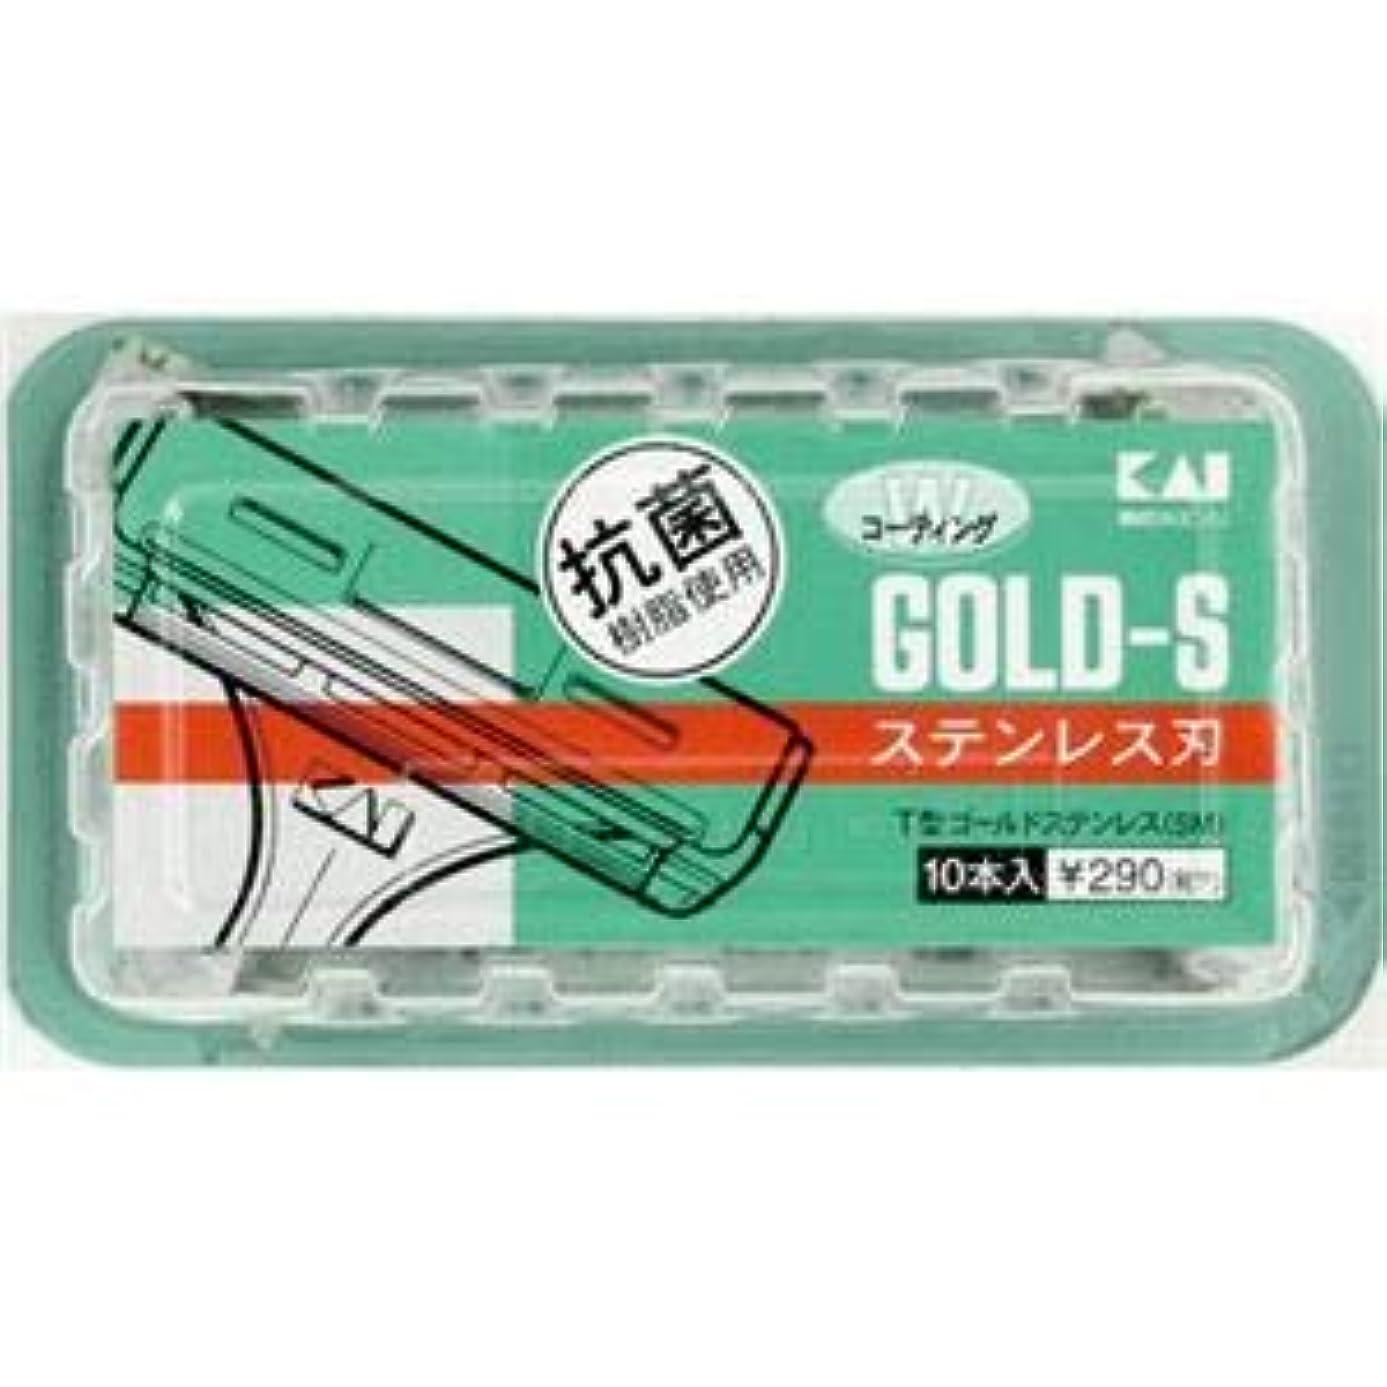 残る絶壁古い(業務用20セット) 貝印 T型ゴールドステンレスSM10本